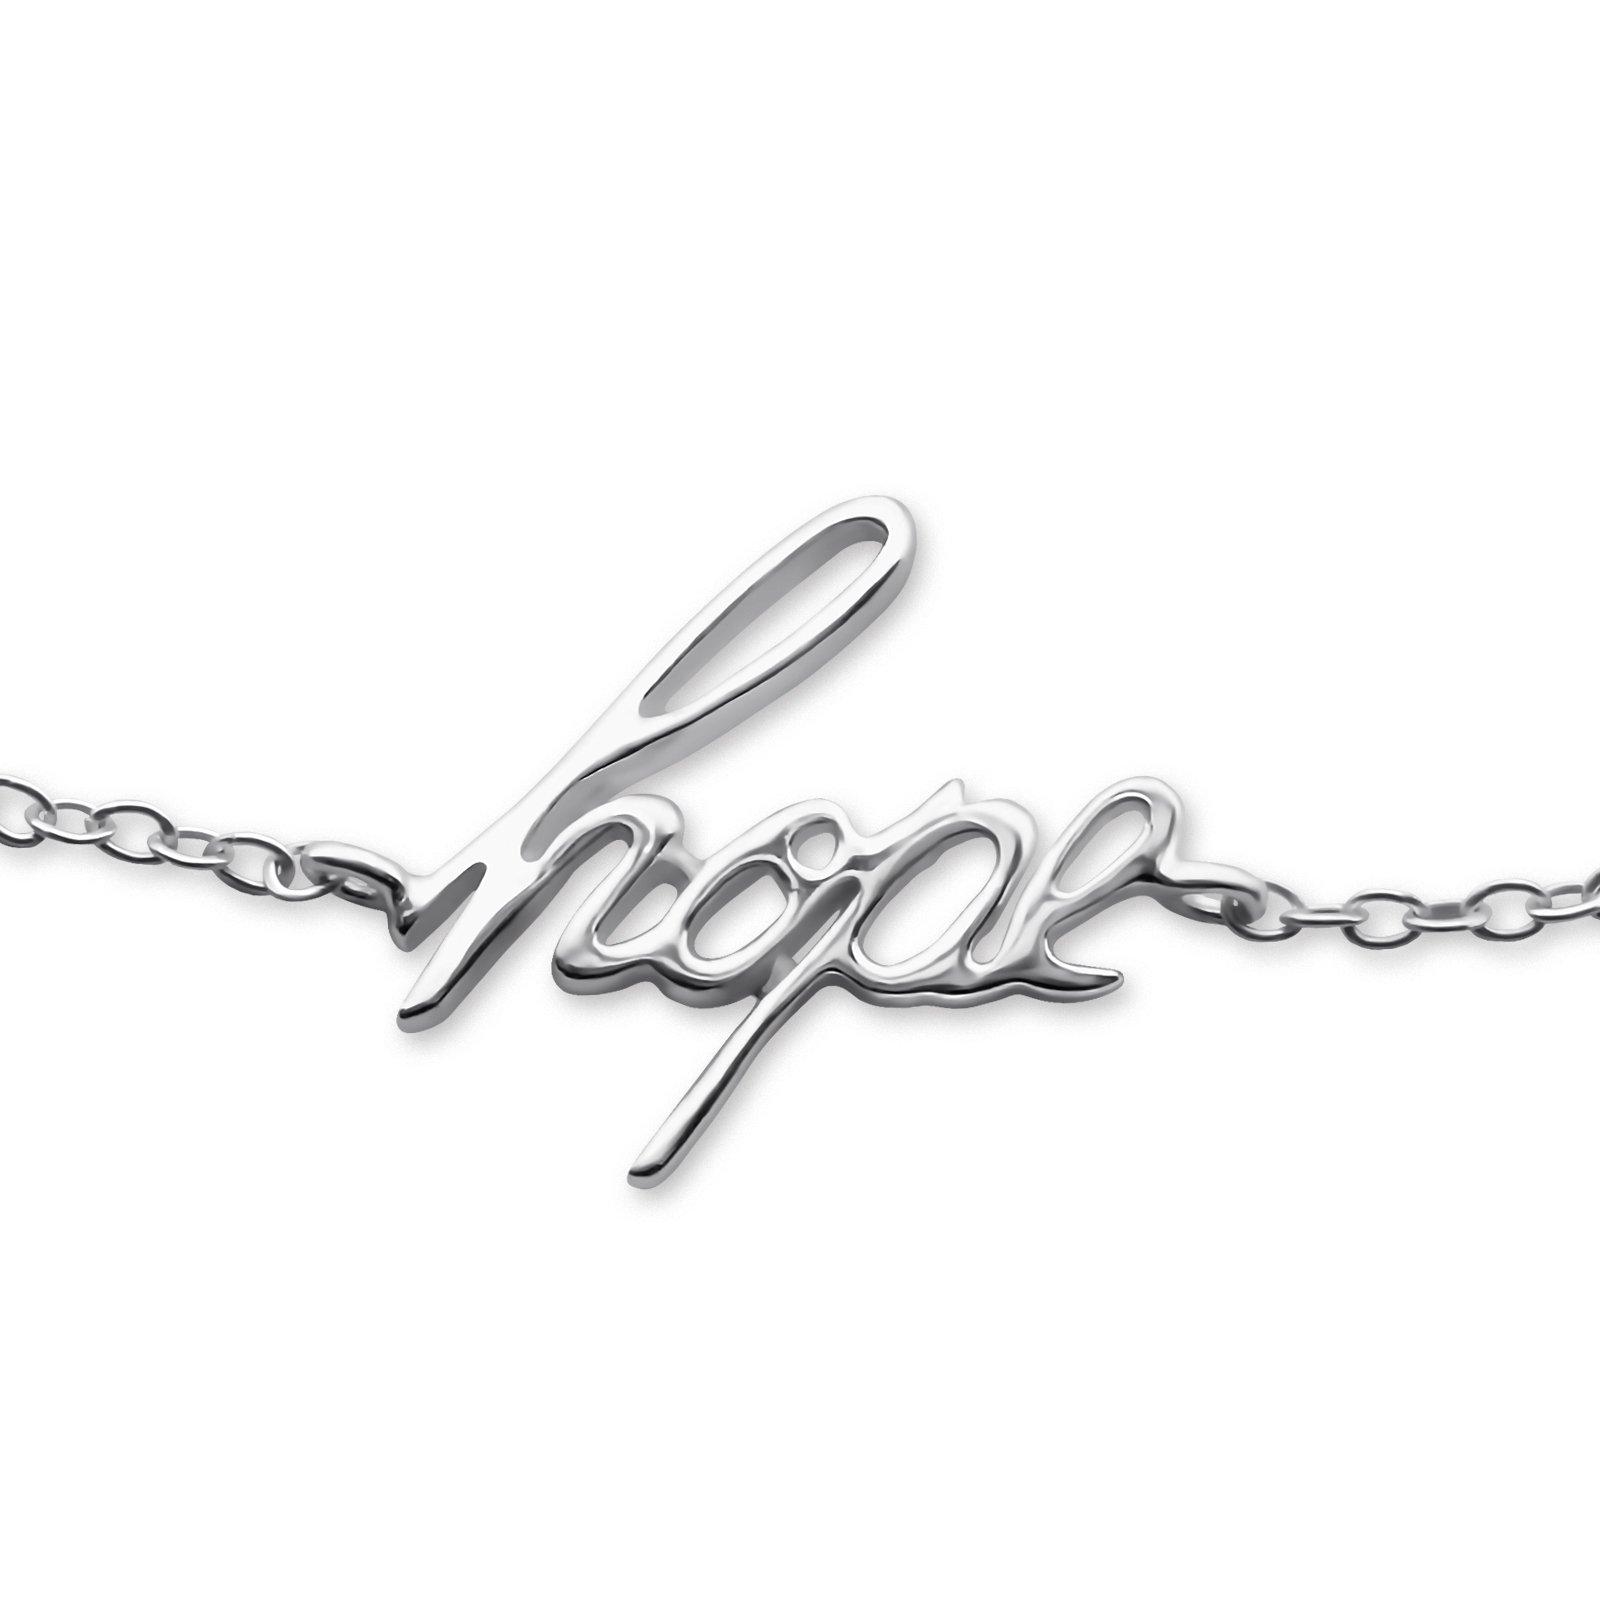 Atik Jewelry Silver Hope Inline Bracelet by Atik Jewelry (Image #1)